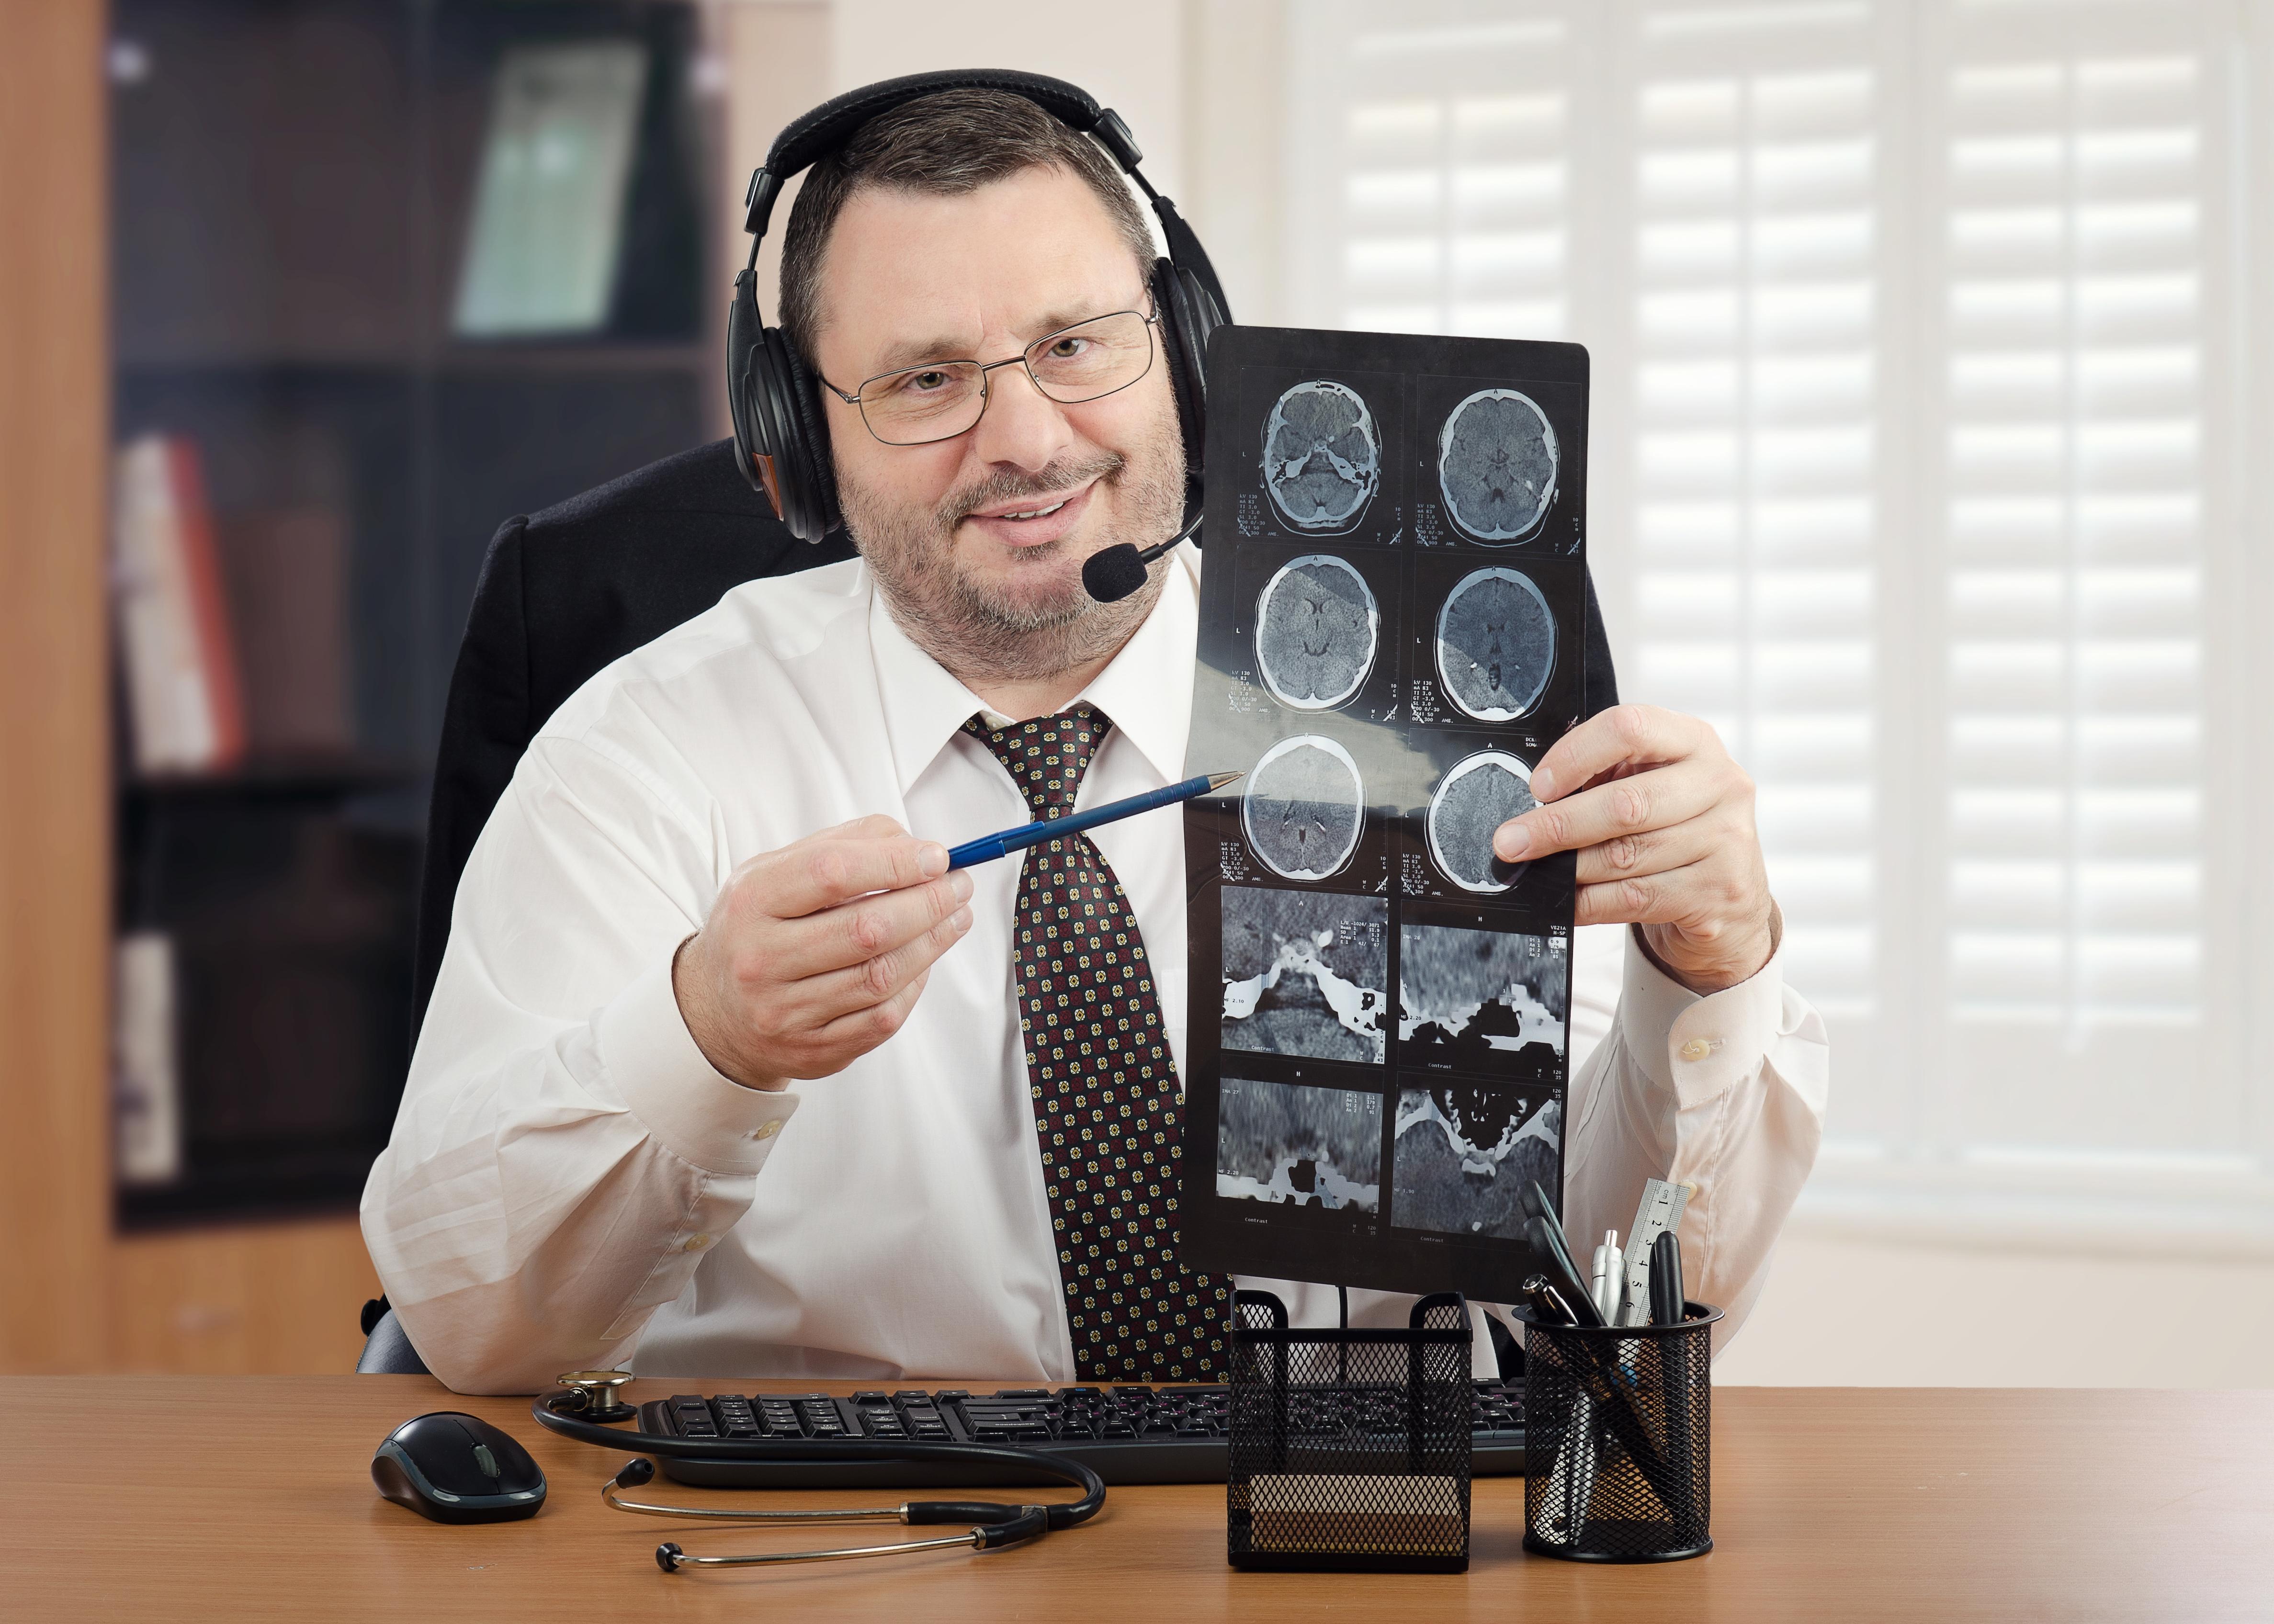 Sus tareas son consultas a distancia, consultorios virtuales por videoconferencia, teleseguimiento de pacientes, telediagnóstico y teletratamiento (iStock)